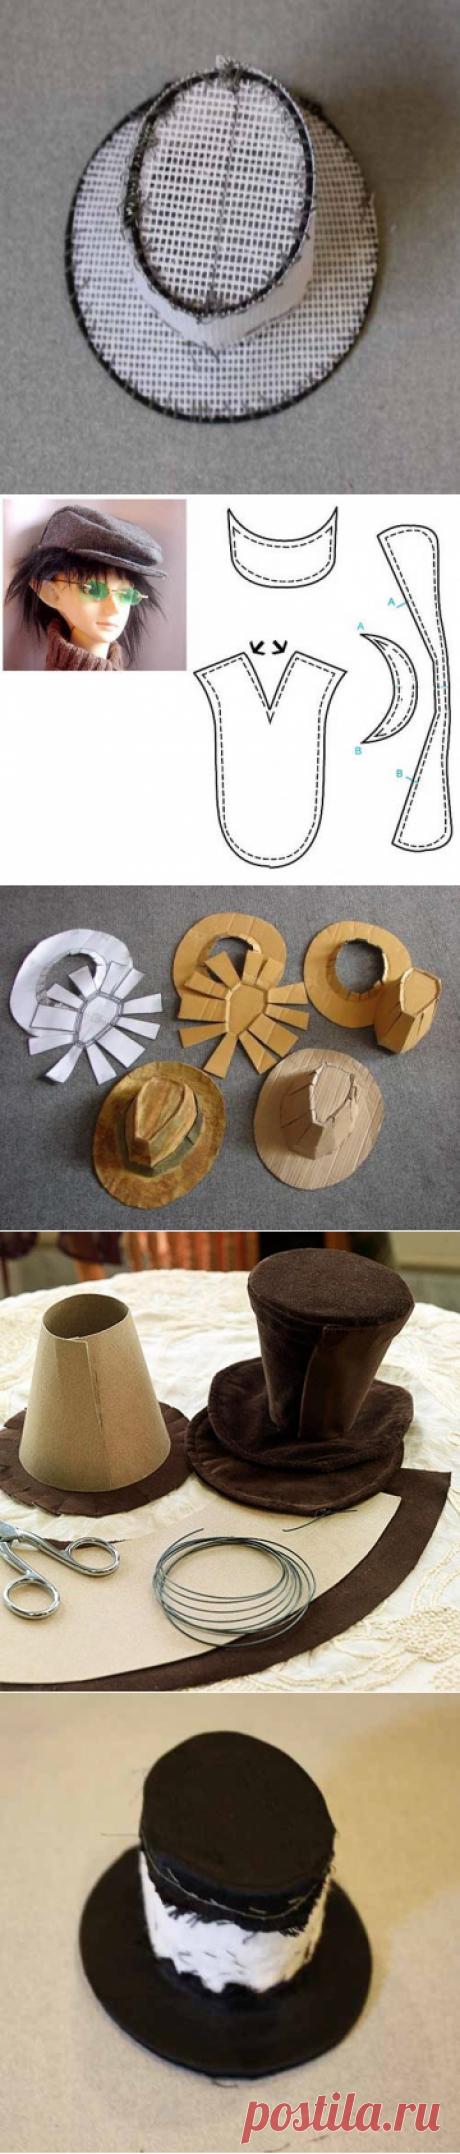 Головные уборы для кукол. Цилиндр, шляпа, кепка